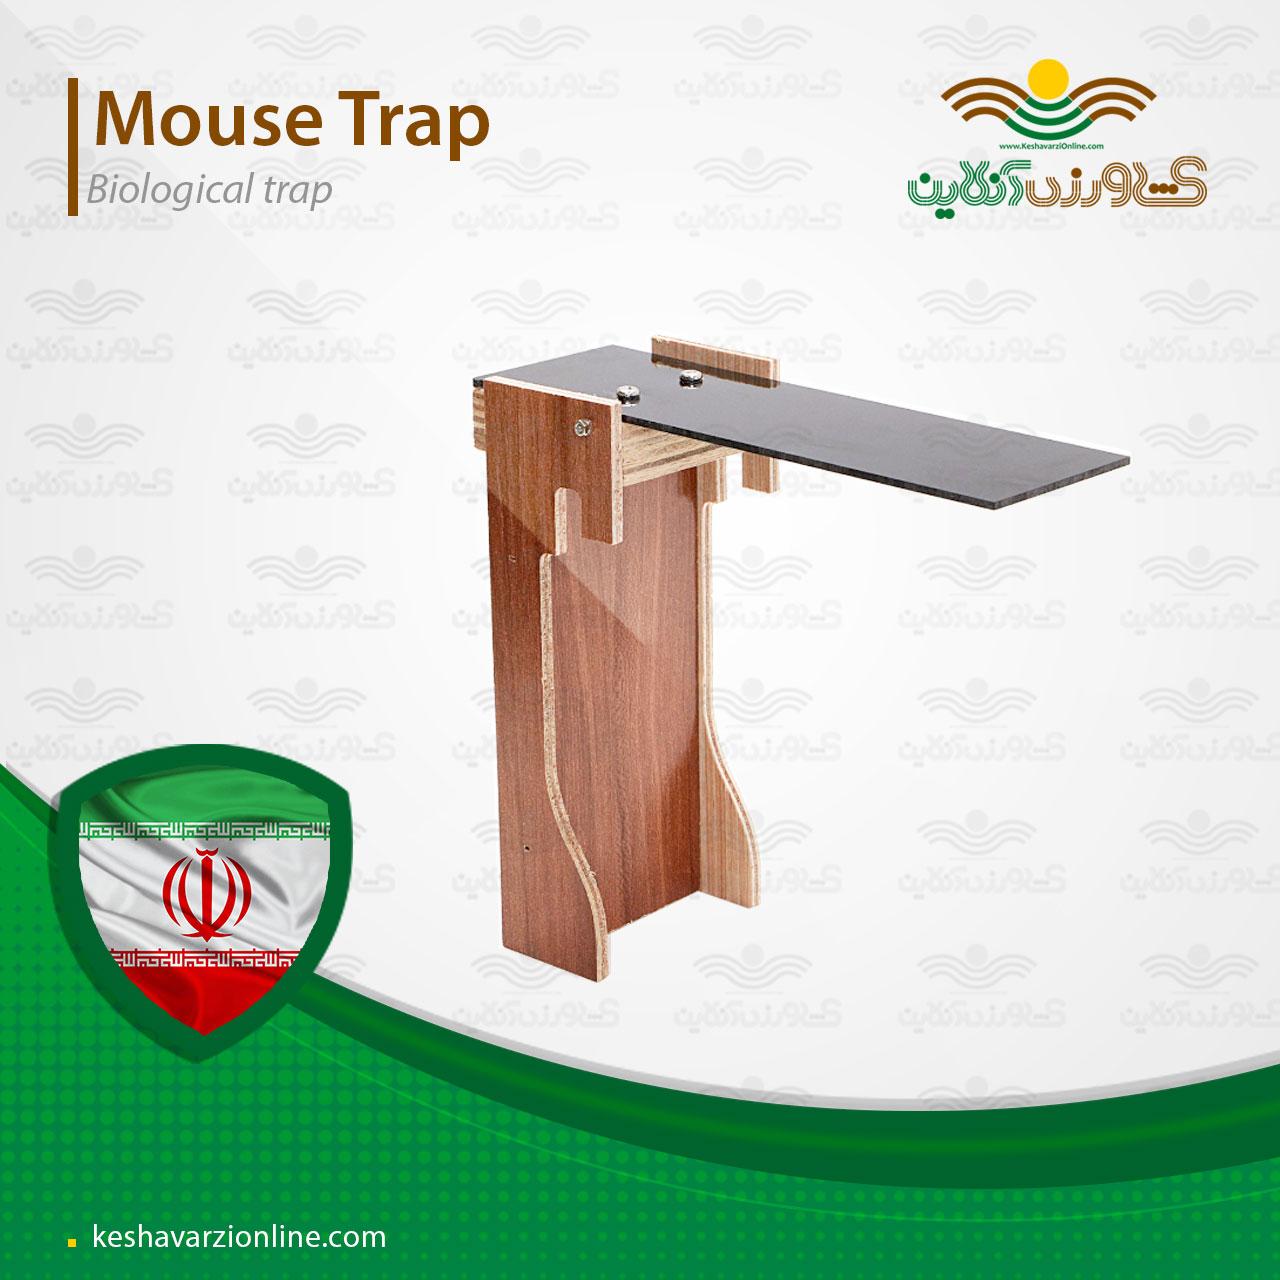 بهترین تله برای گرفتن موش و ساده ترین روش گرفتن موش